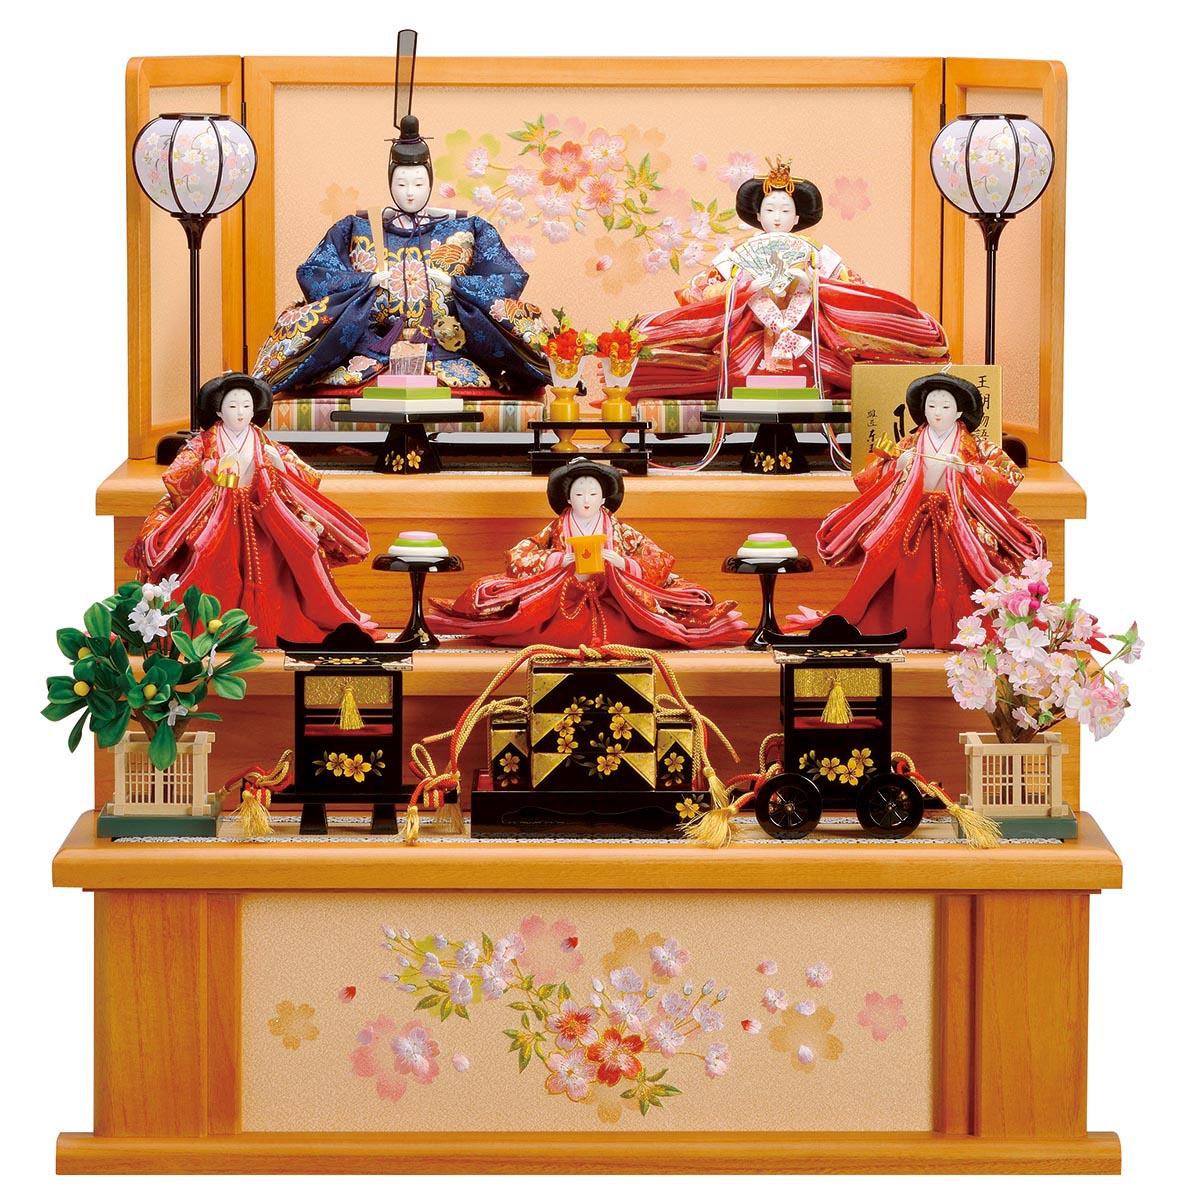 雛人形 東玉 コンパクト 三段飾り 一、二の三段 春雛 雛人形 HNTG-35908ひな人形 かわいい おしゃれ インテリア 雛 三段飾り 3段 [P10]